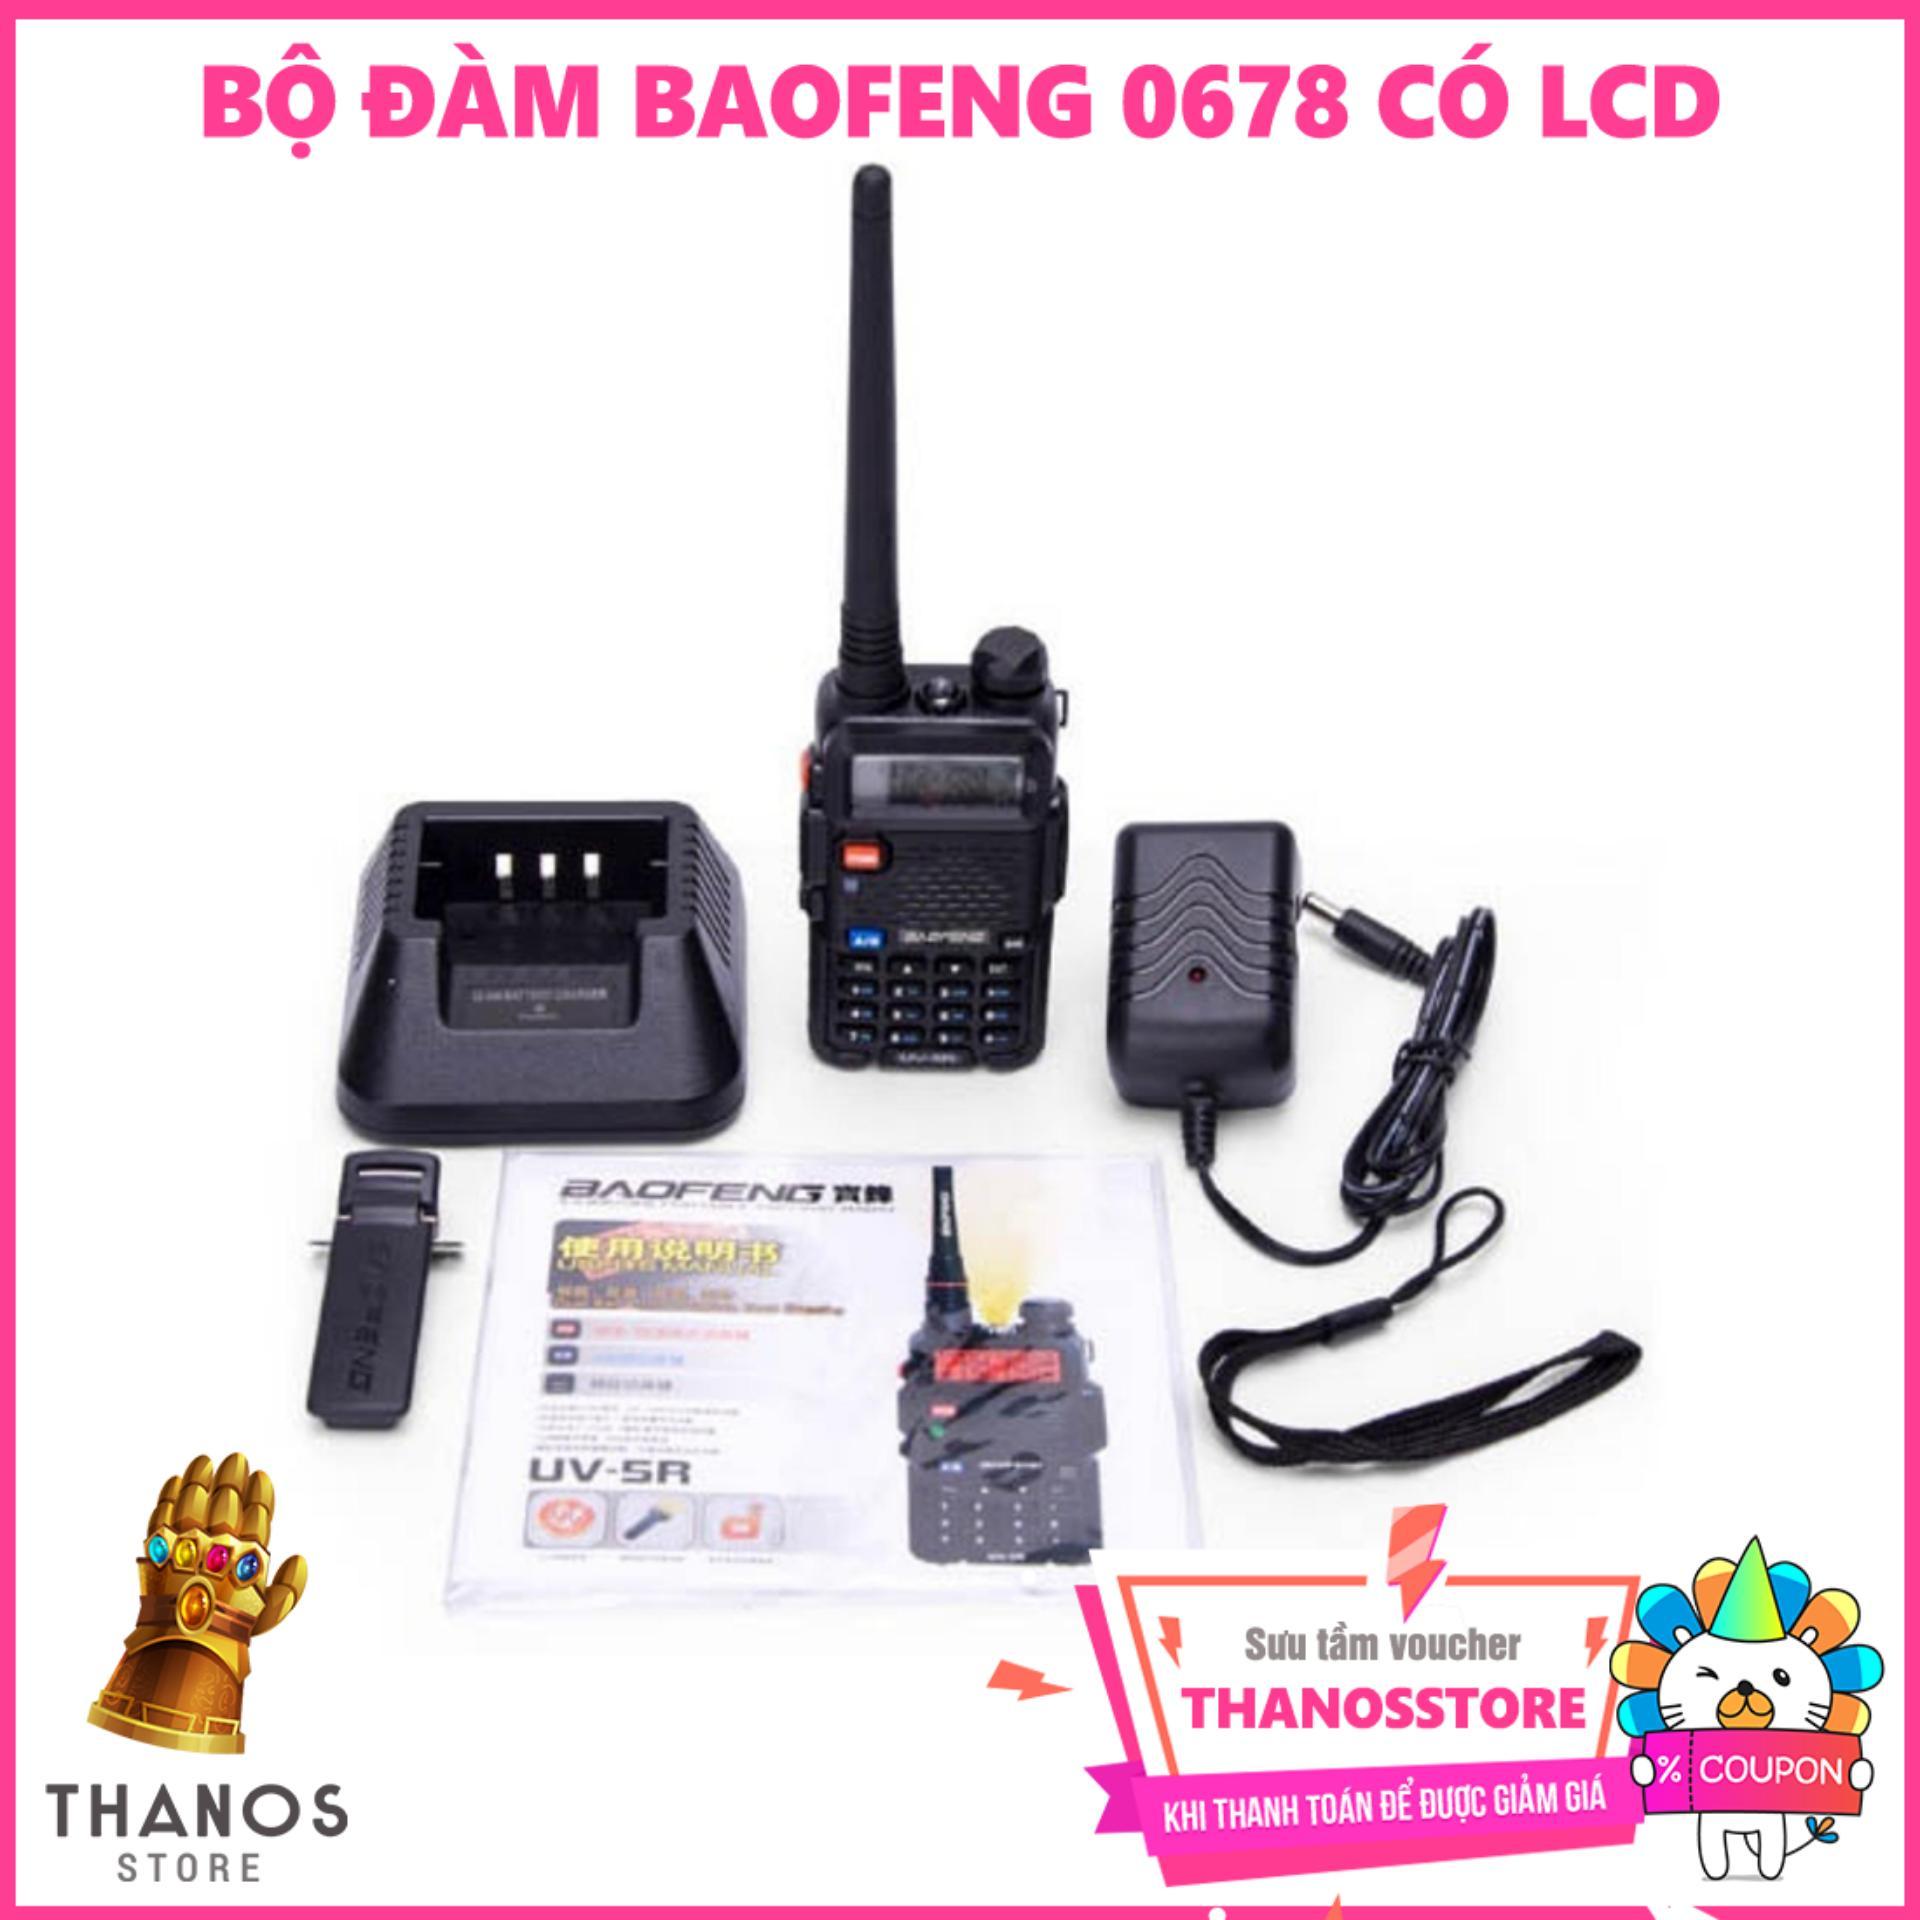 Hình ảnh Bộ đàm BAOFENG 0678 Có LCD - Thanos Store